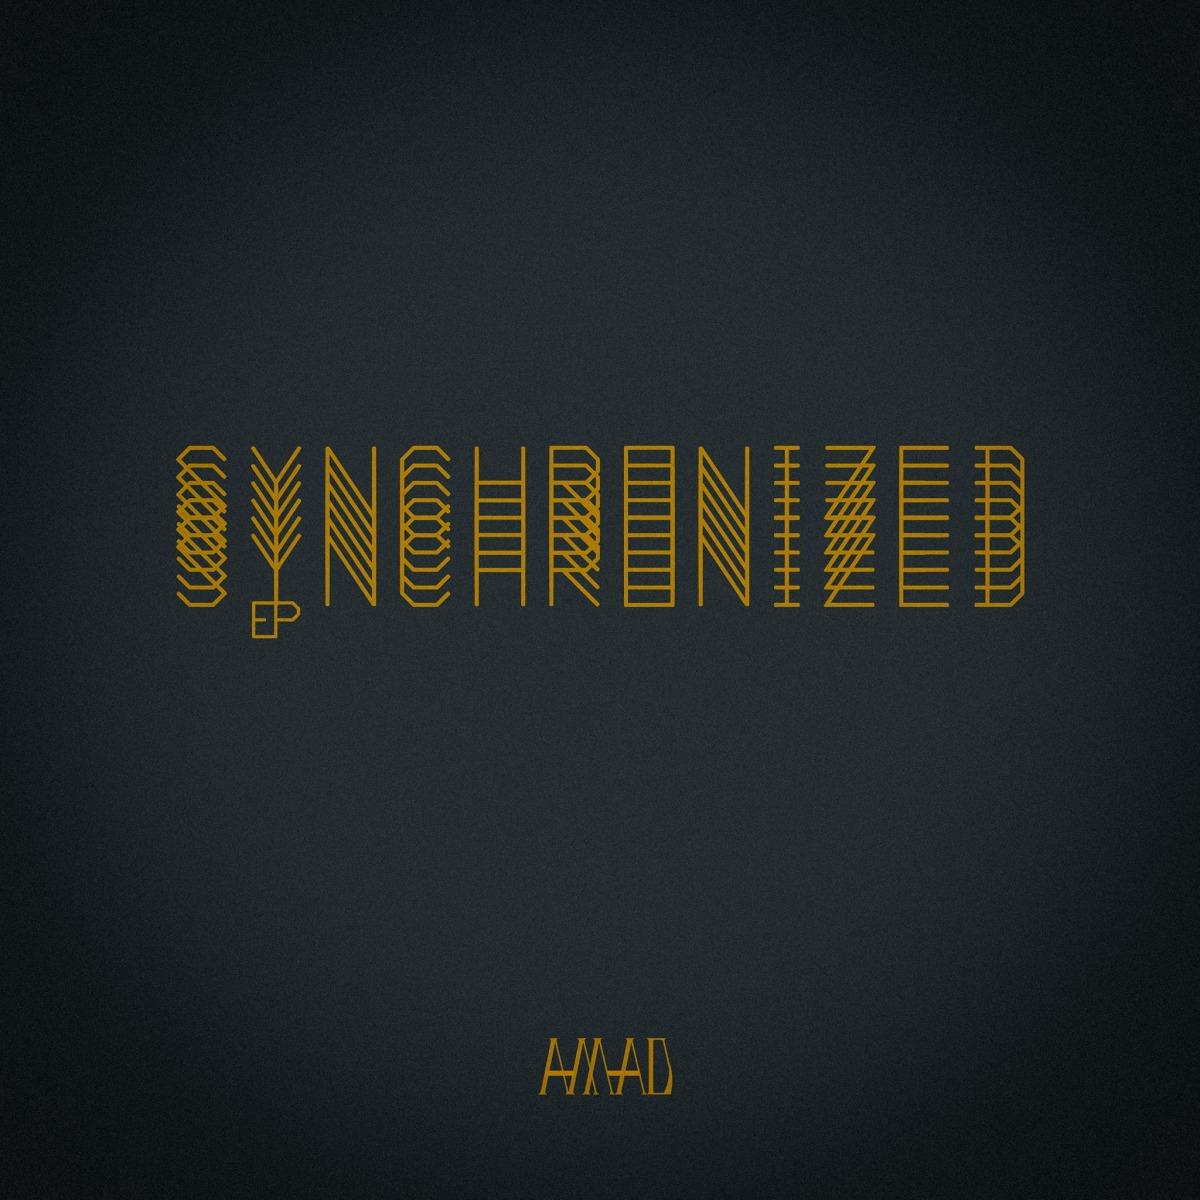 aMad ' Synchronized